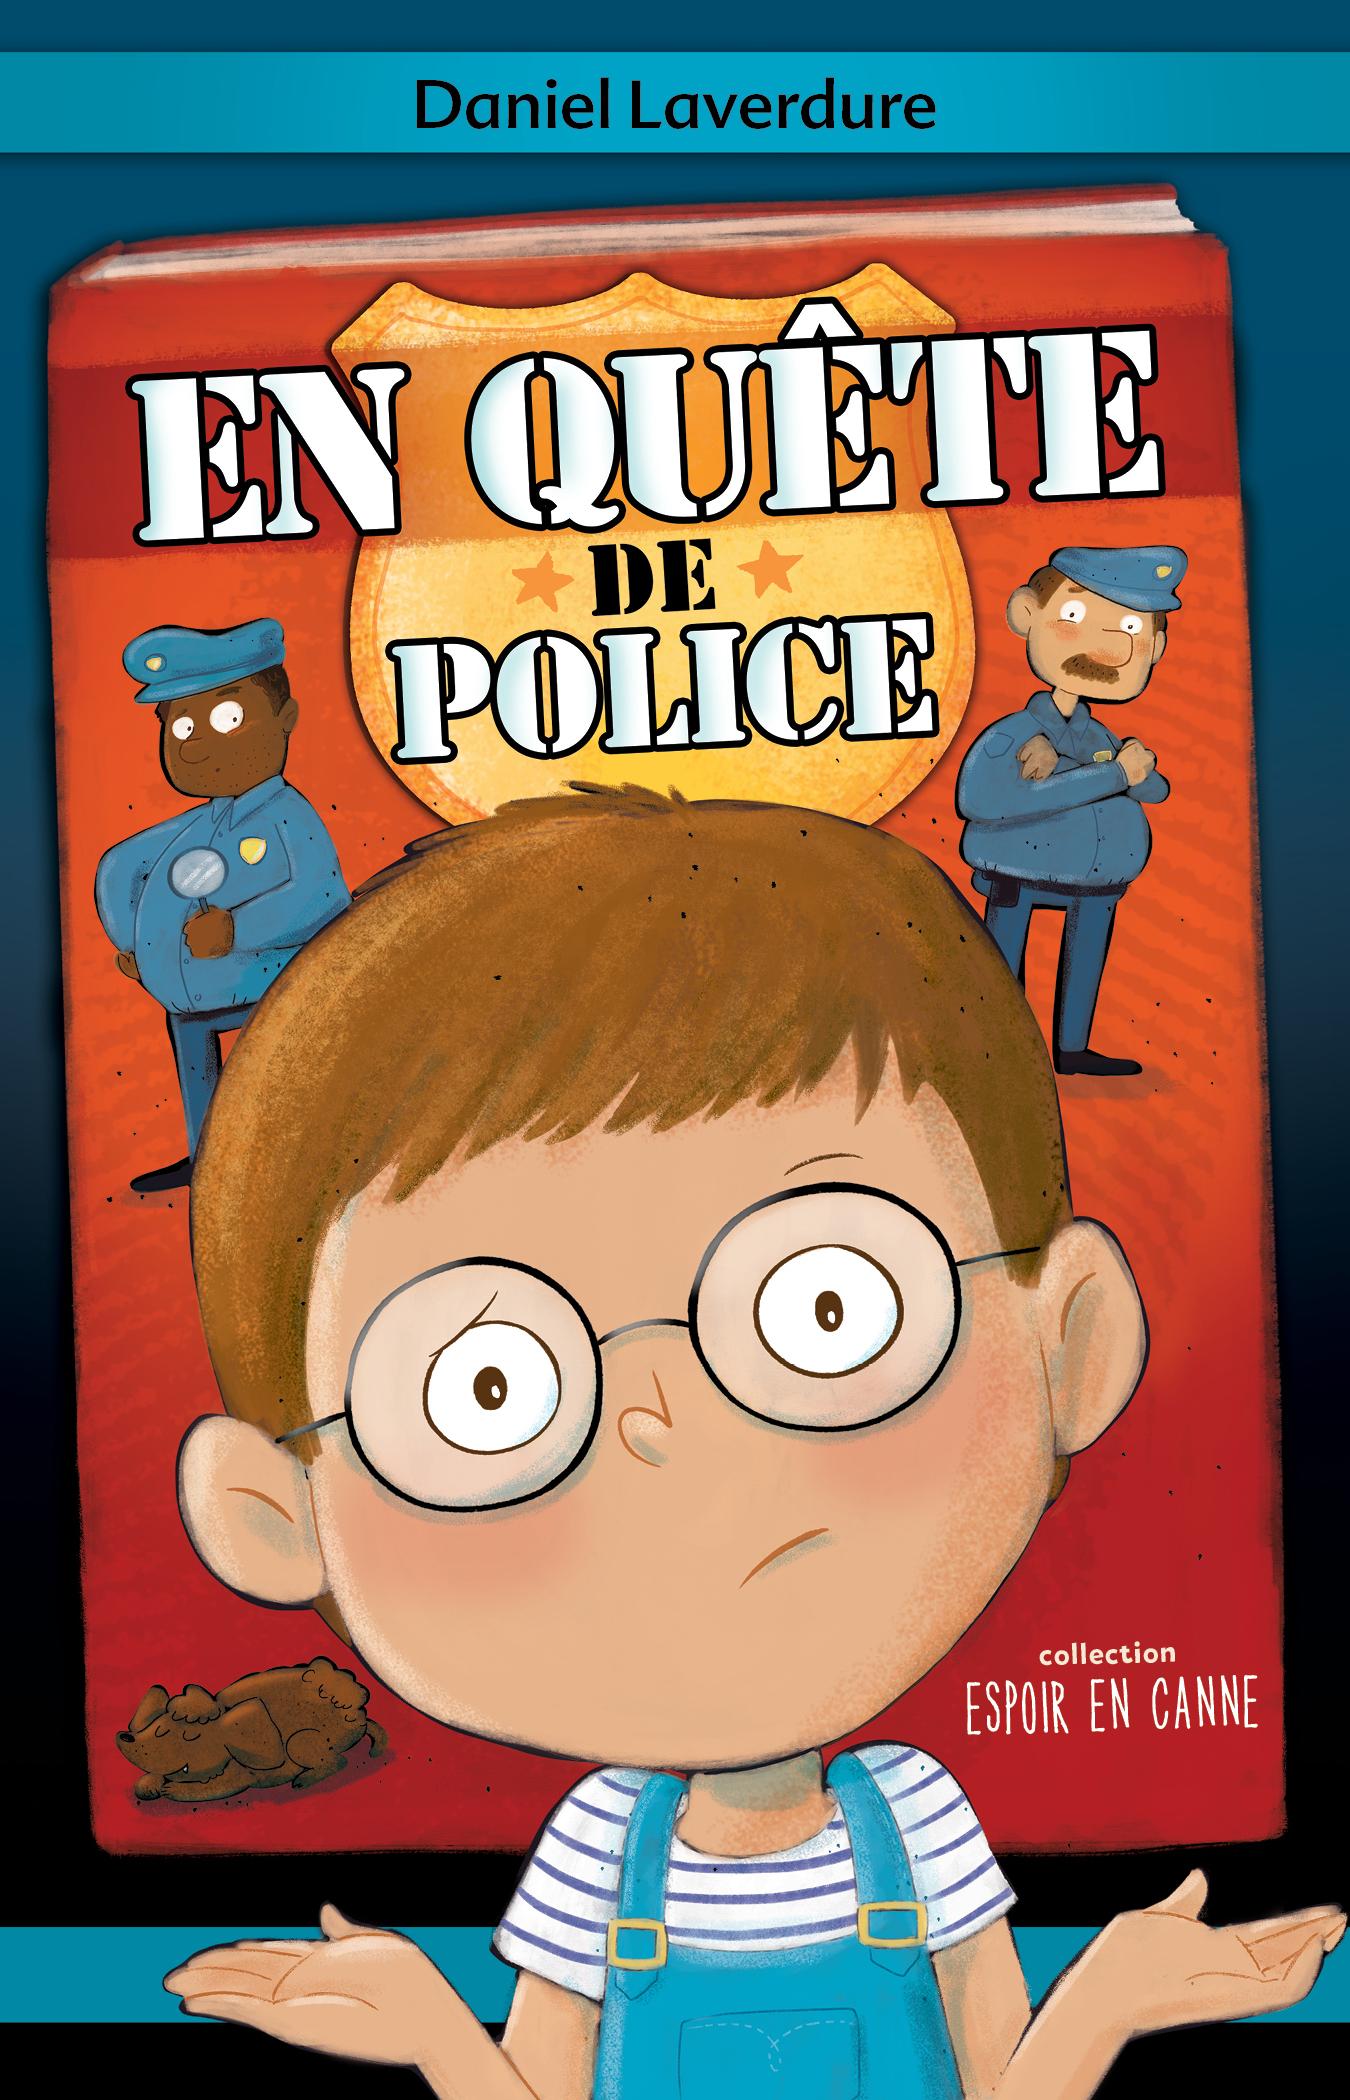 En quête de police